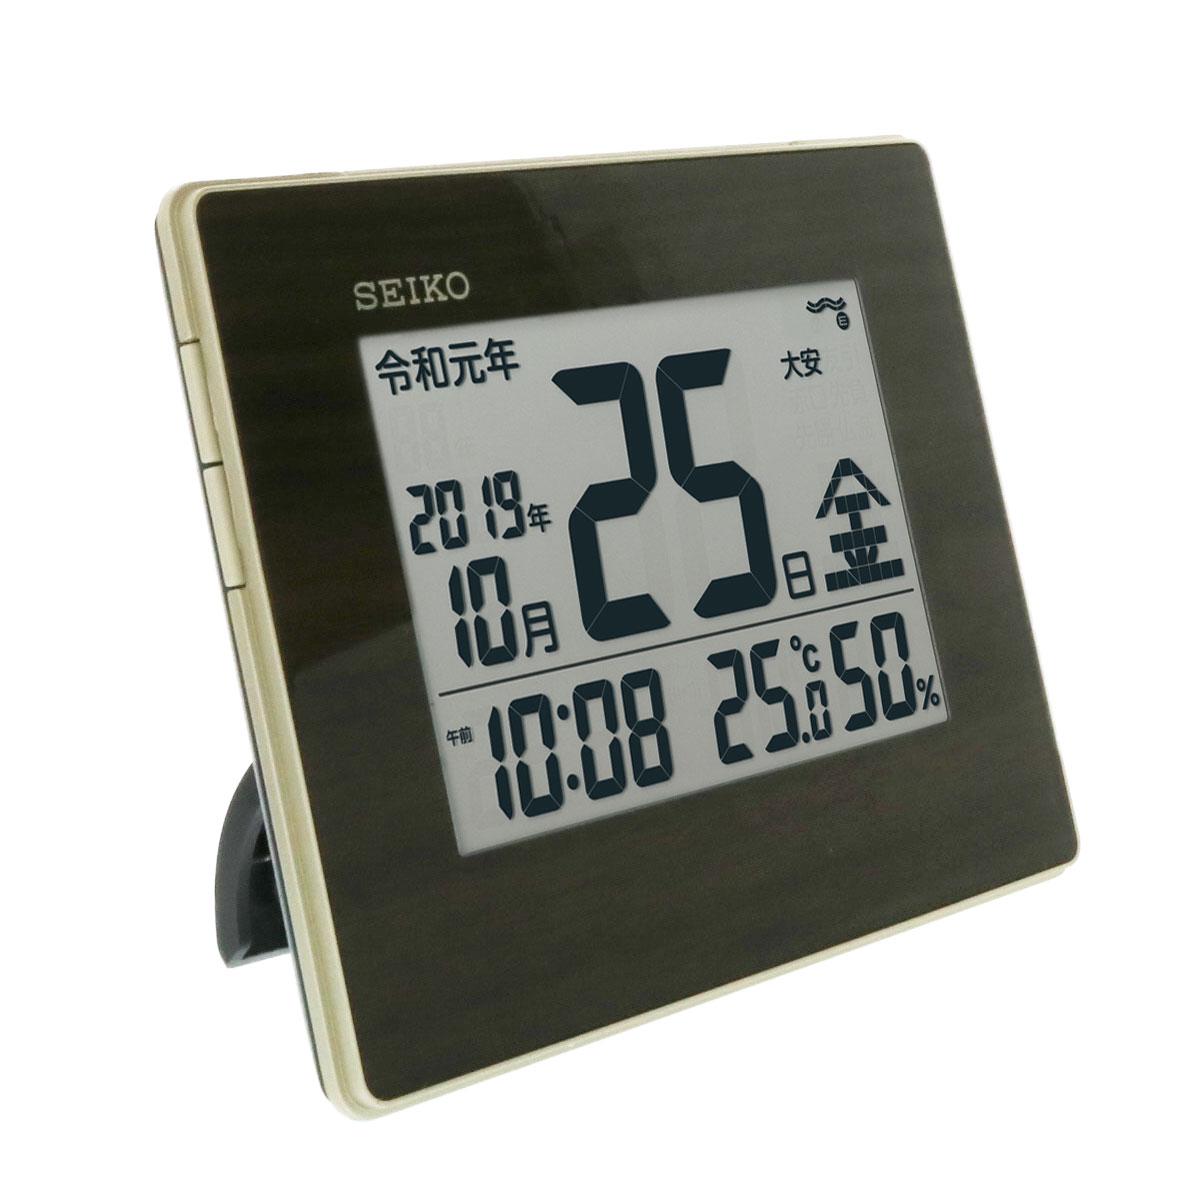 セイコークロック 掛け置き兼用デジタル電波時計 SQ442B